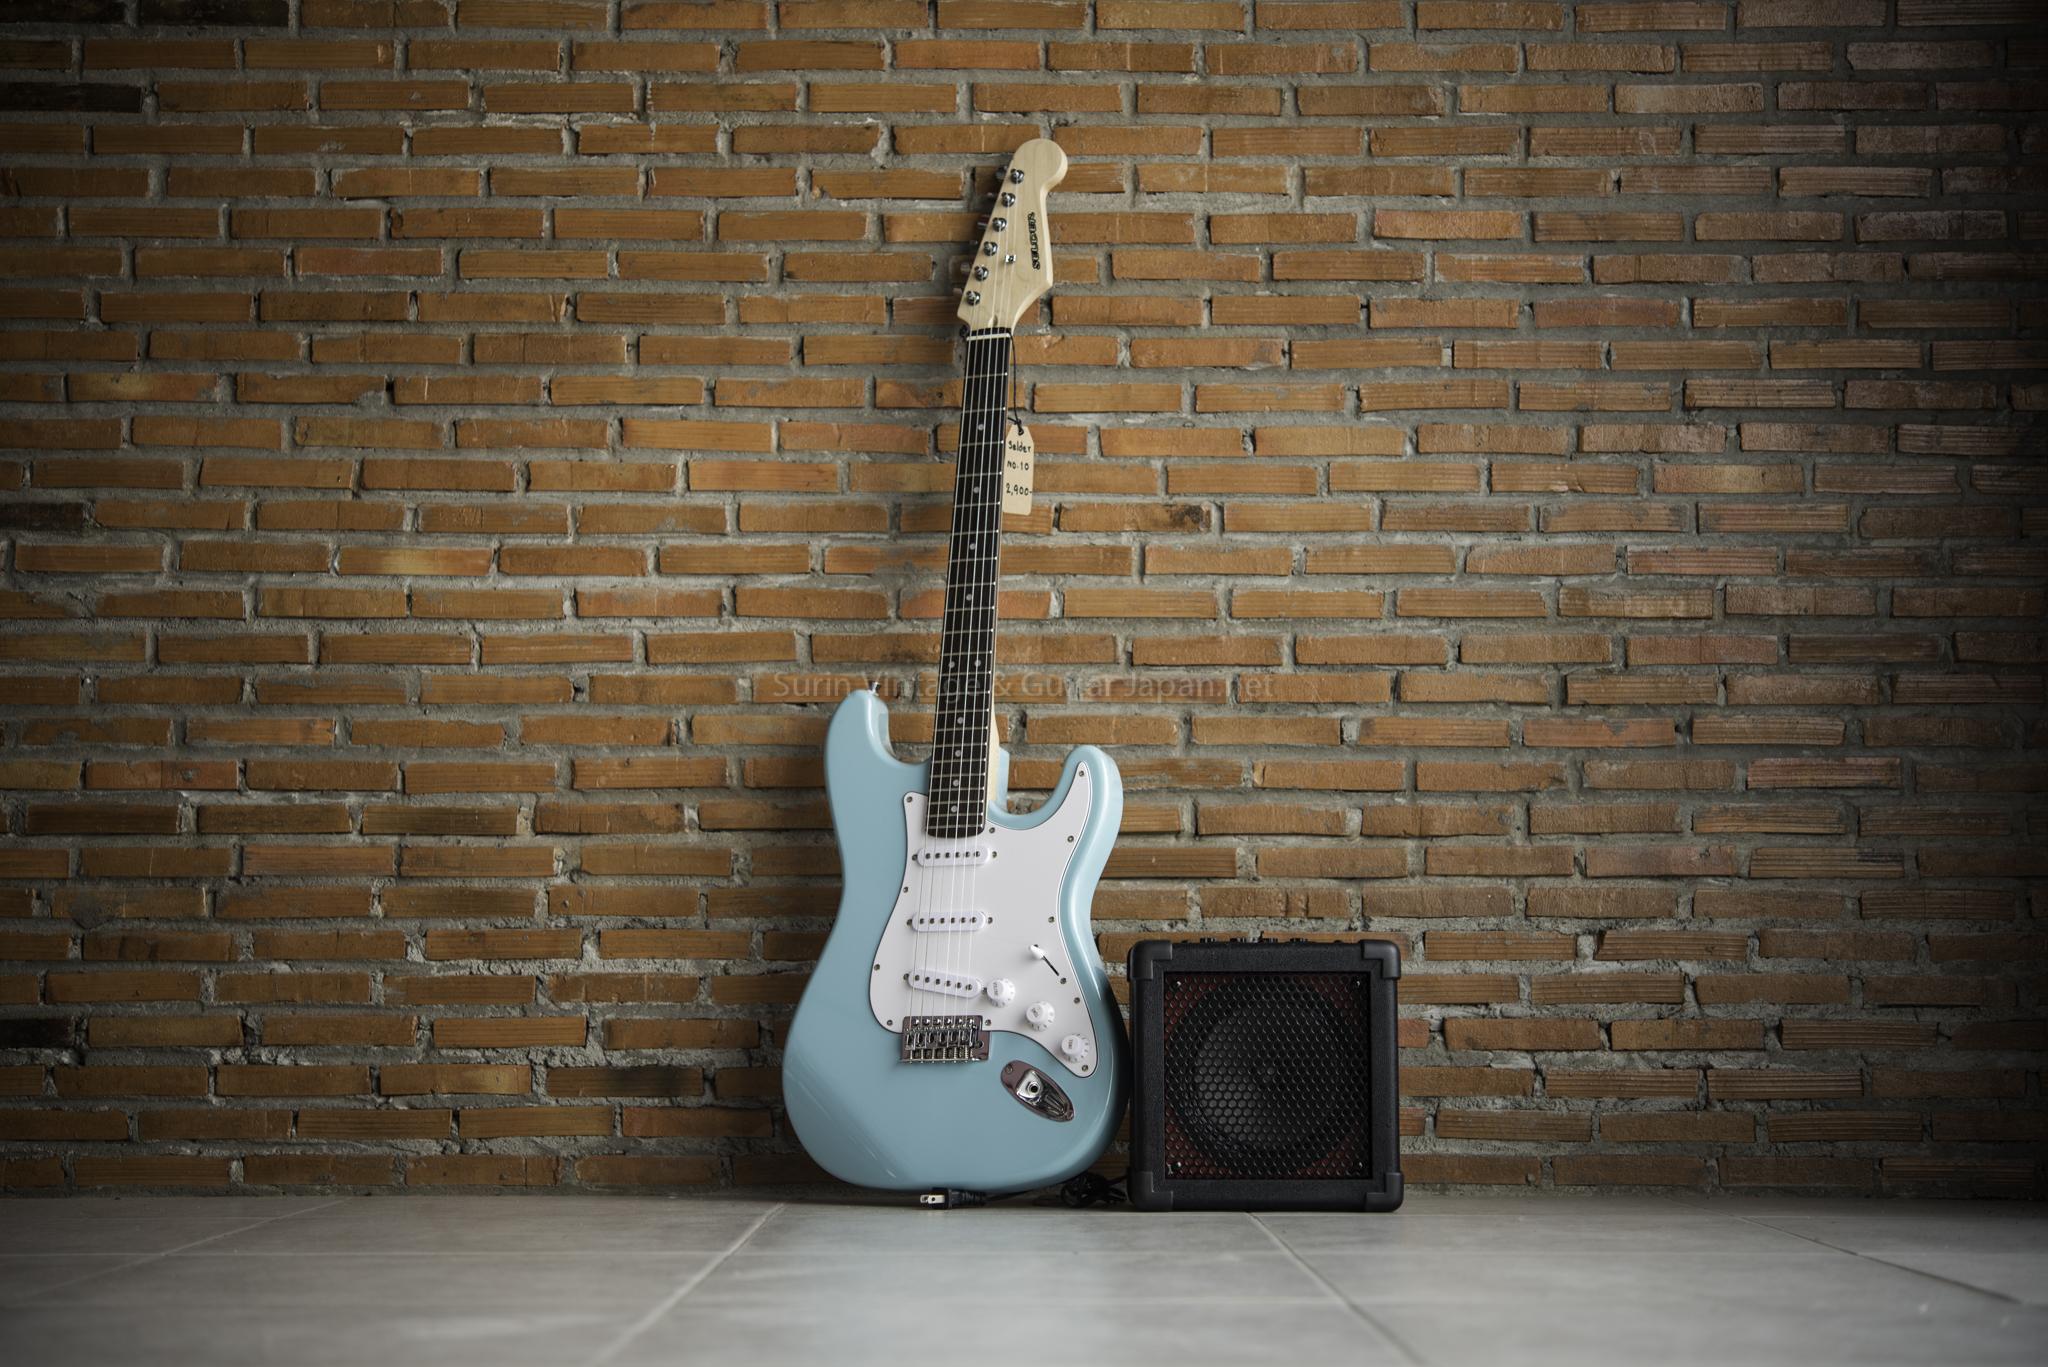 แอมป์กีต้าร์ไฟฟ้ามือสอง PlayTech Jammer JR No.3 Guitar Amp